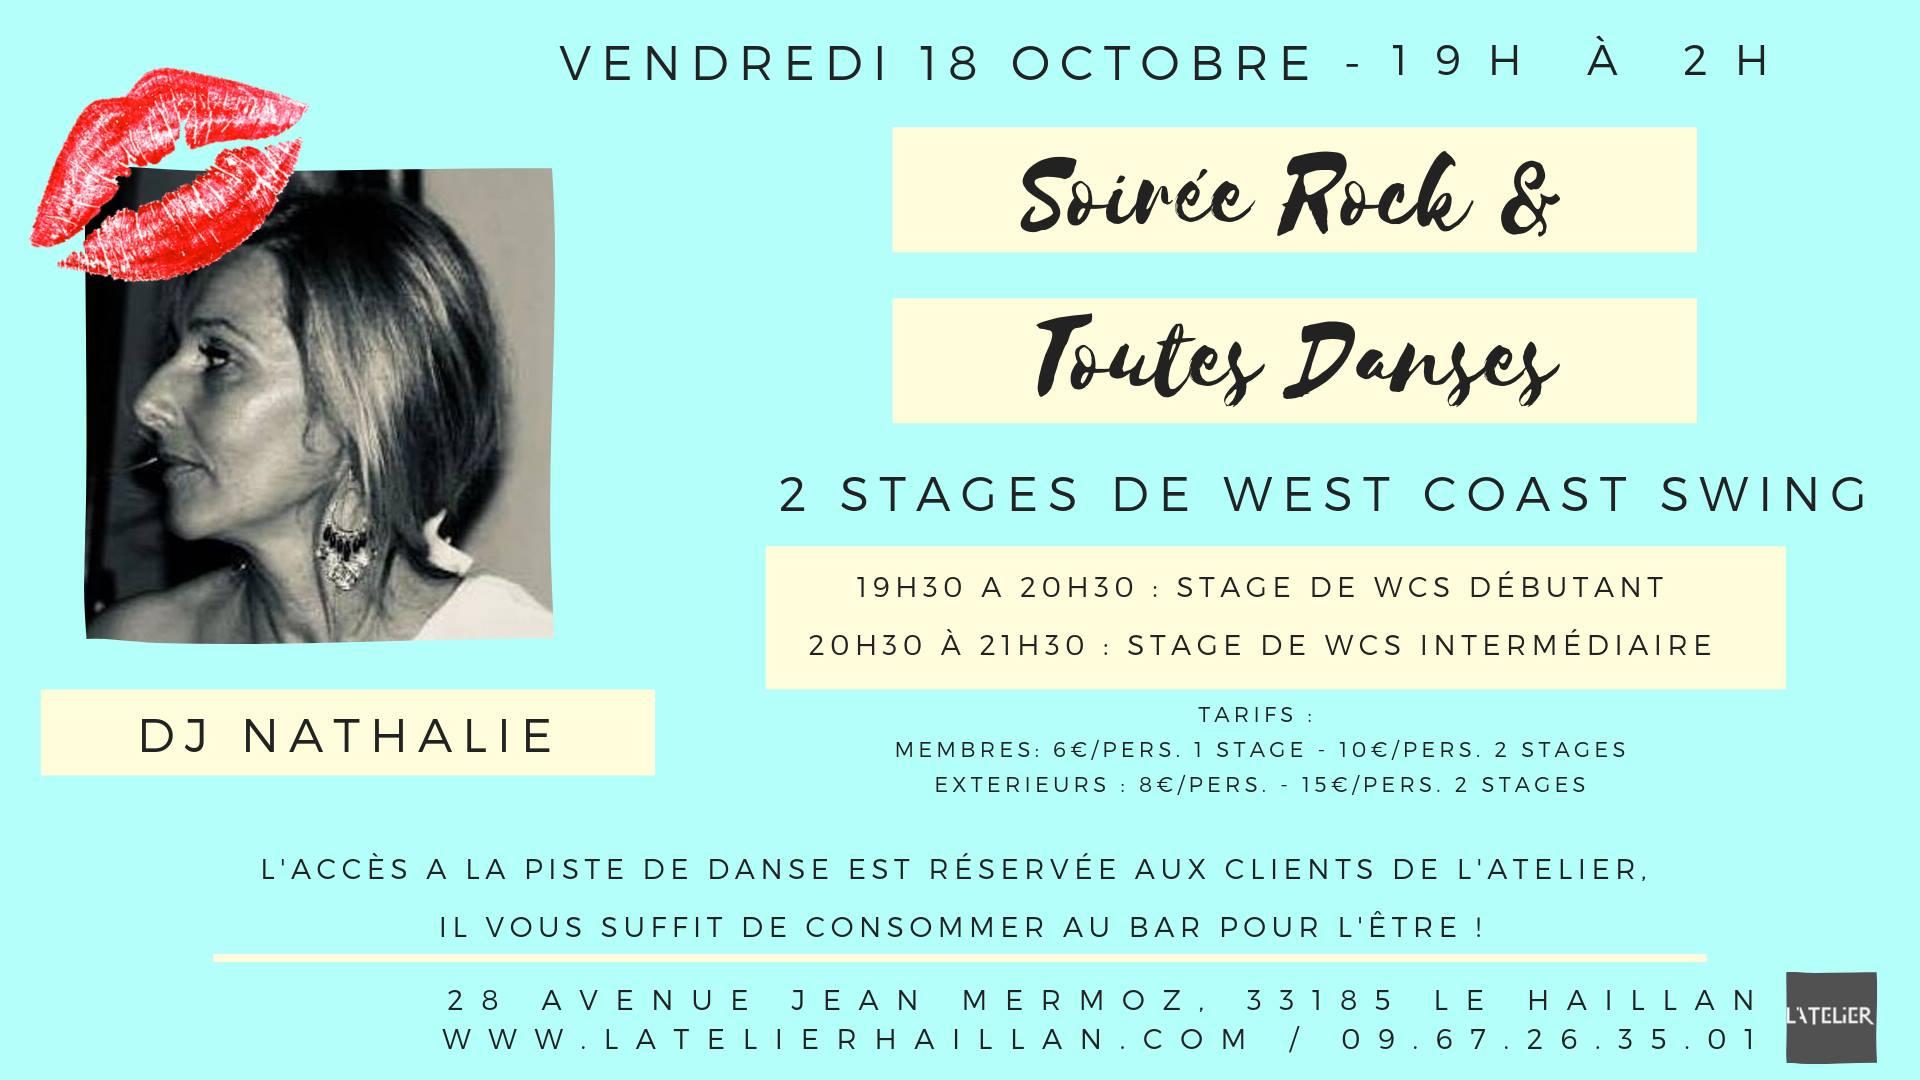 Soirée Rock & Toutes Danses avec Nathalie - Stage de WCS